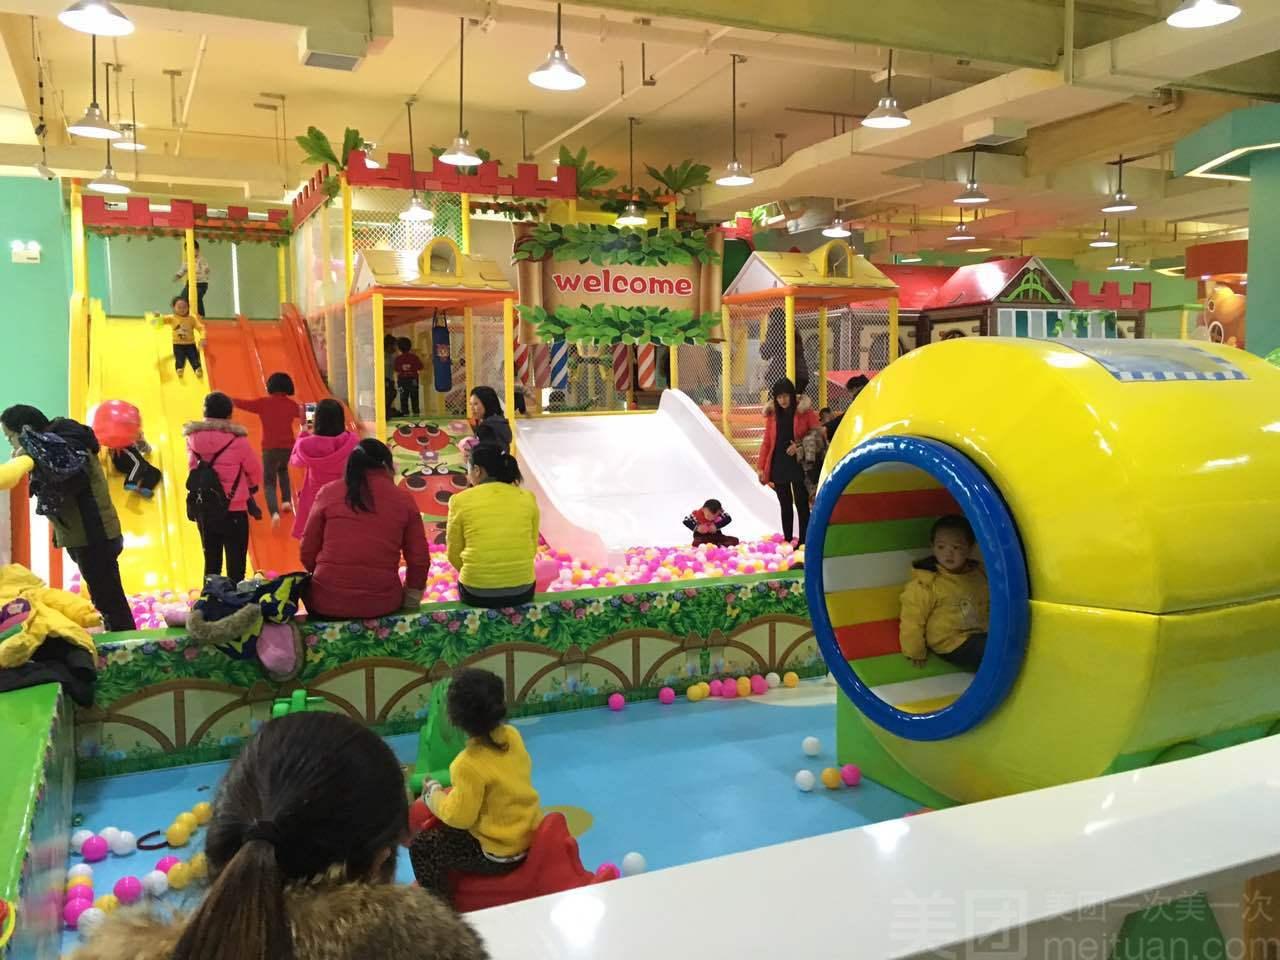 :长沙今日团购:【孩子岛儿童乐园】欧洲小镇淘气堡+超级大蹦床+魔幻沙池单人畅玩